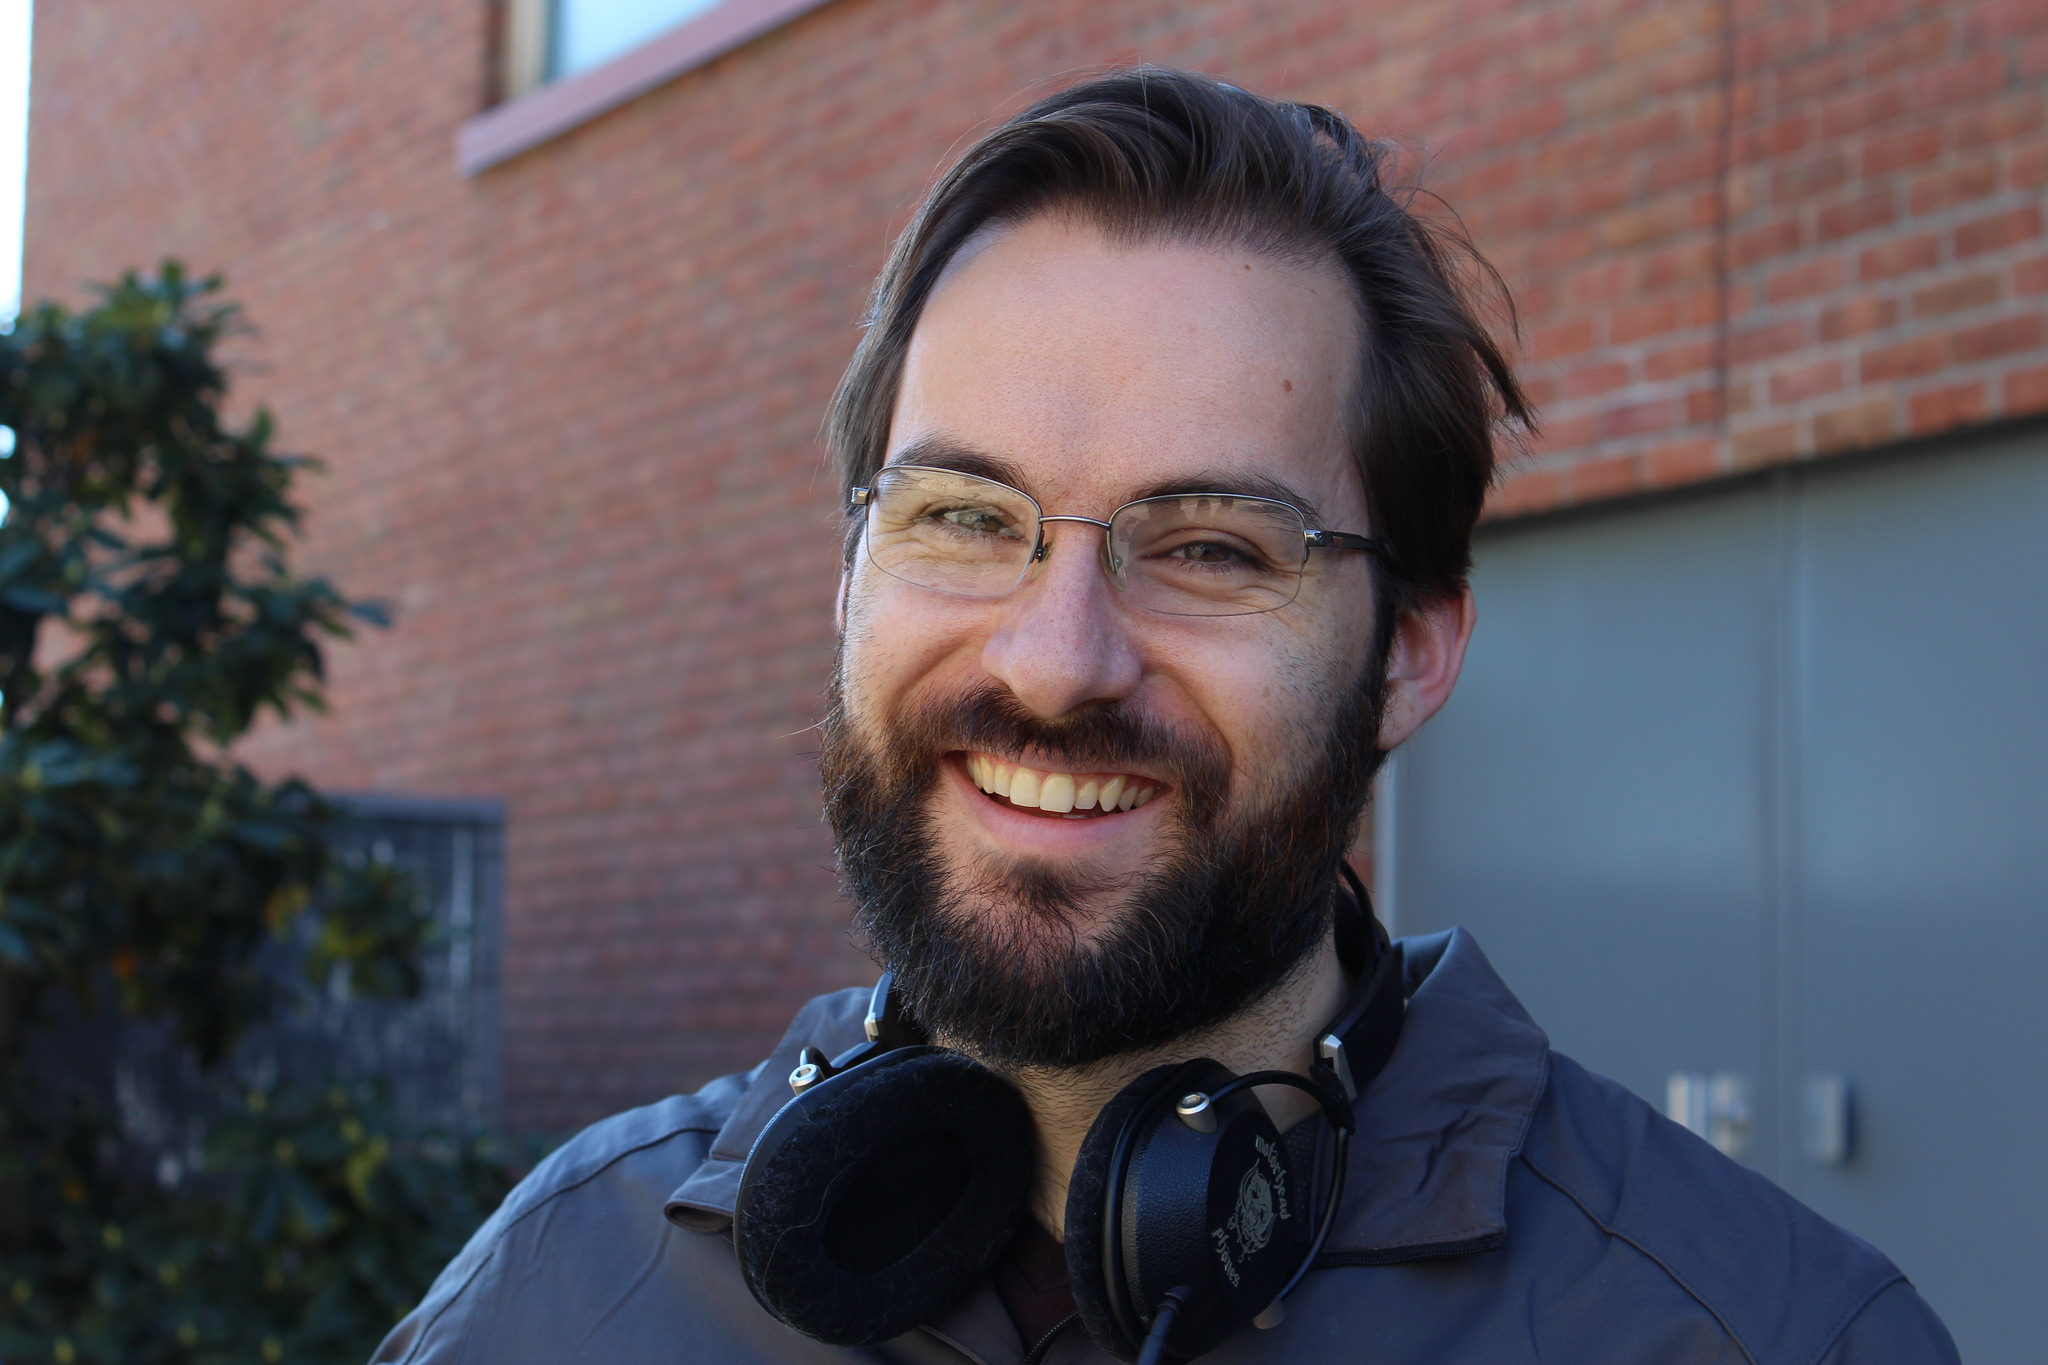 Nathan Beckmann